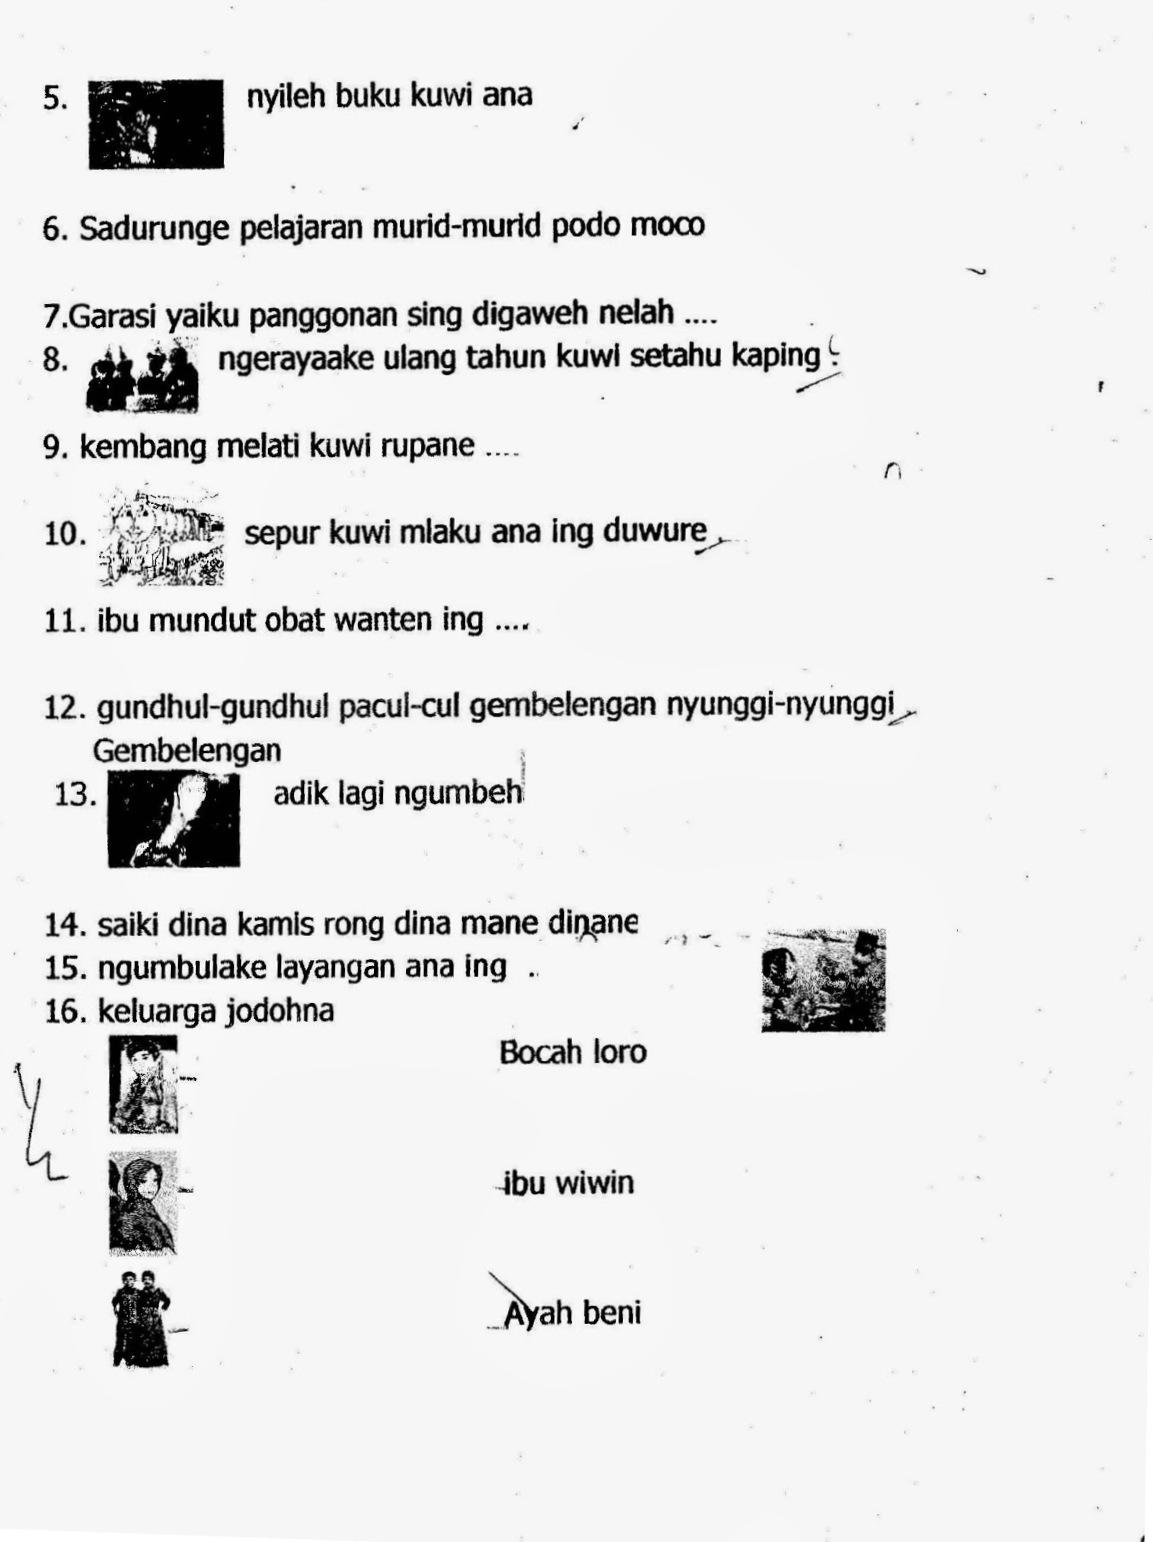 Soal Uas Bahasa Jawa Sd Kelas 1 Semester 1 Terbaru